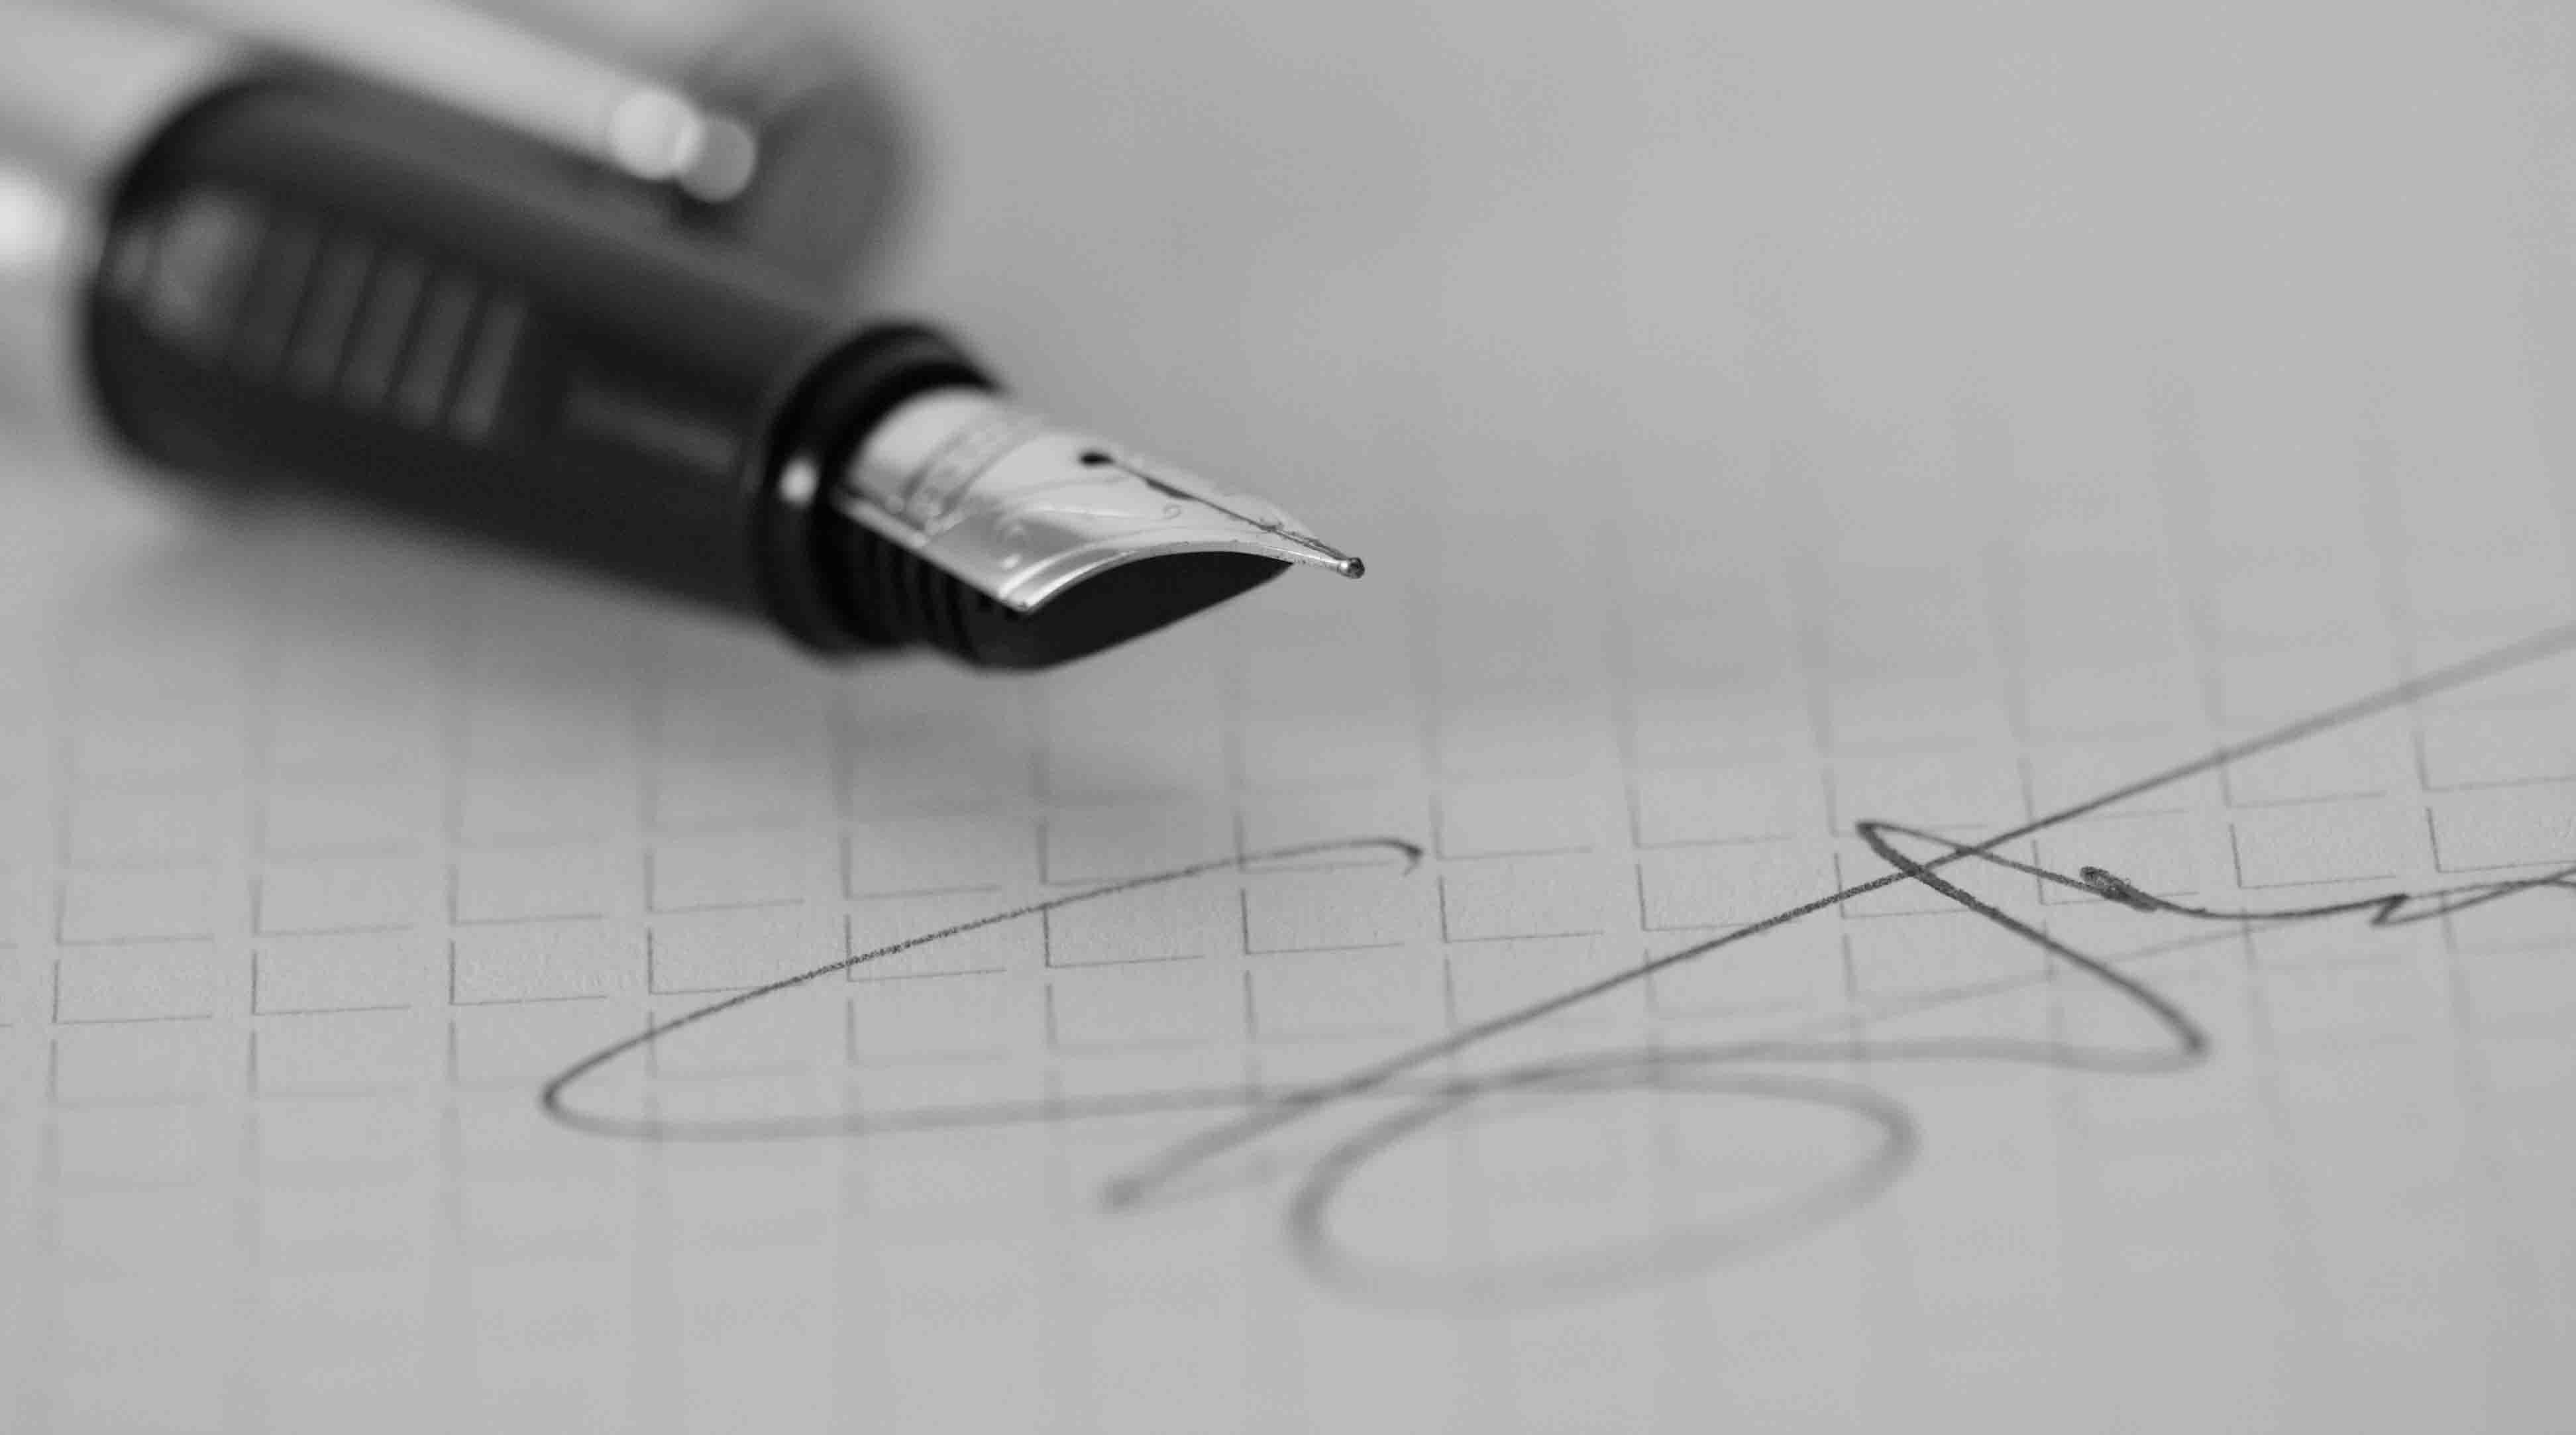 Signering. Var försiktig med vad du signerar så att du inte luras av nätbedragare och bluffakturor.